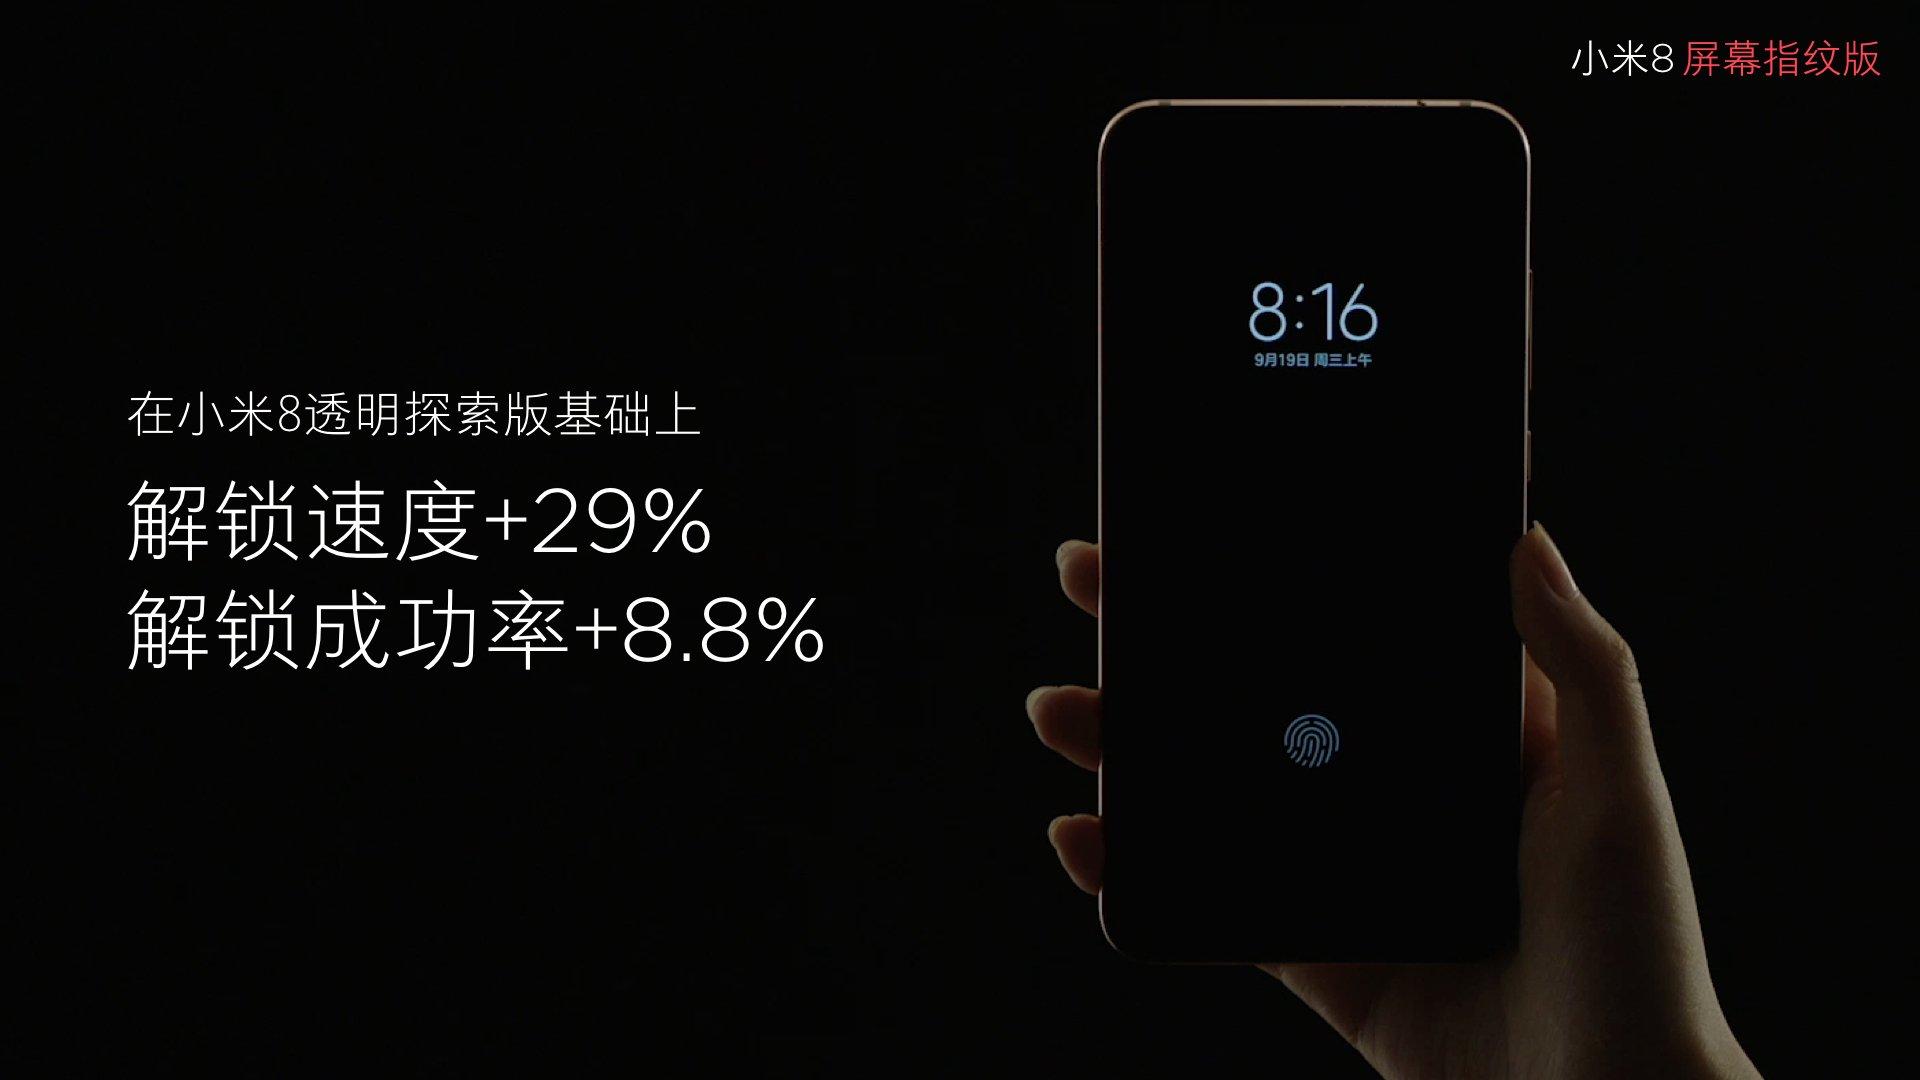 Edição Xiaomi Mi 8 Pro Screen Fingerprint